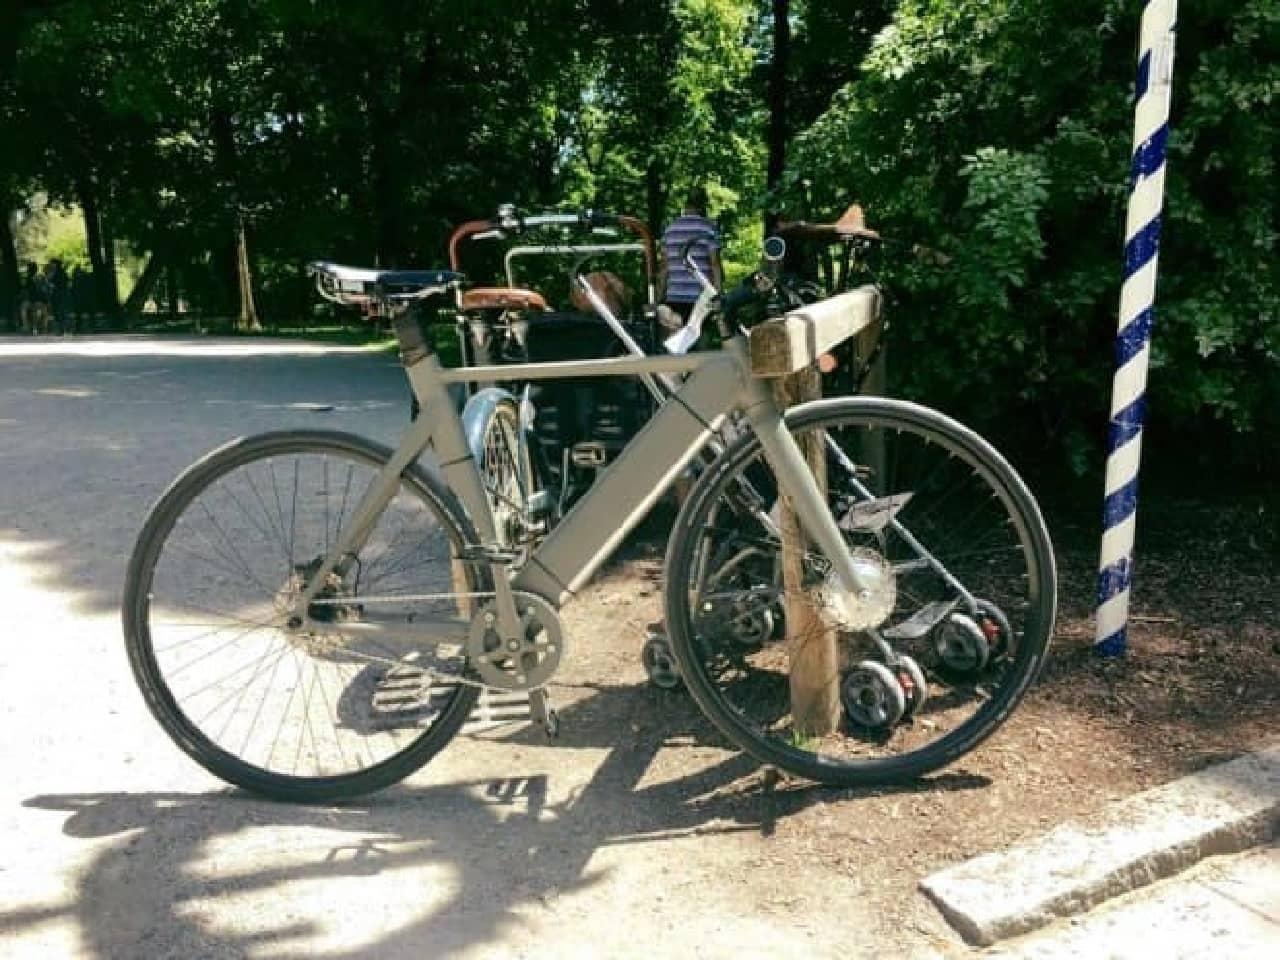 前輪駆動の電動アシスト自転車「ElBike」